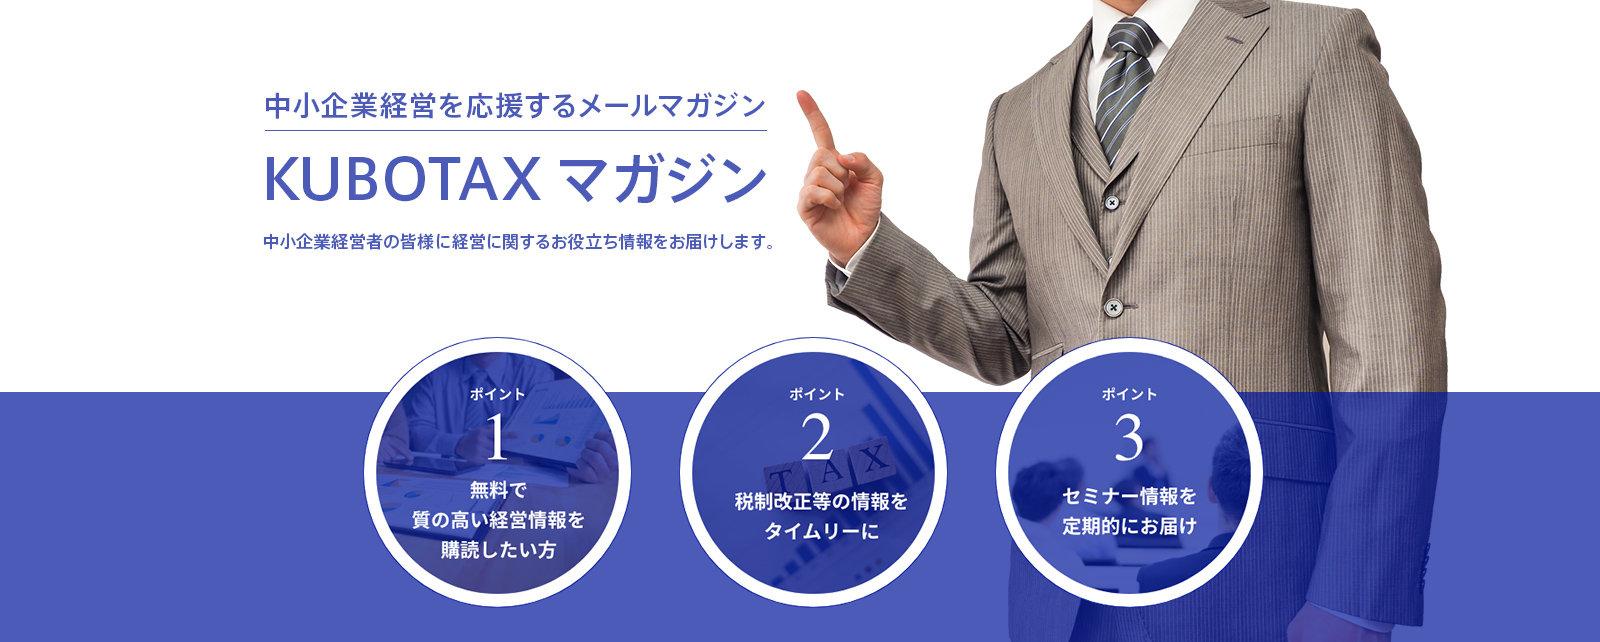 中小企業経営を応援するメールマガジン KUBOTAXマガジン